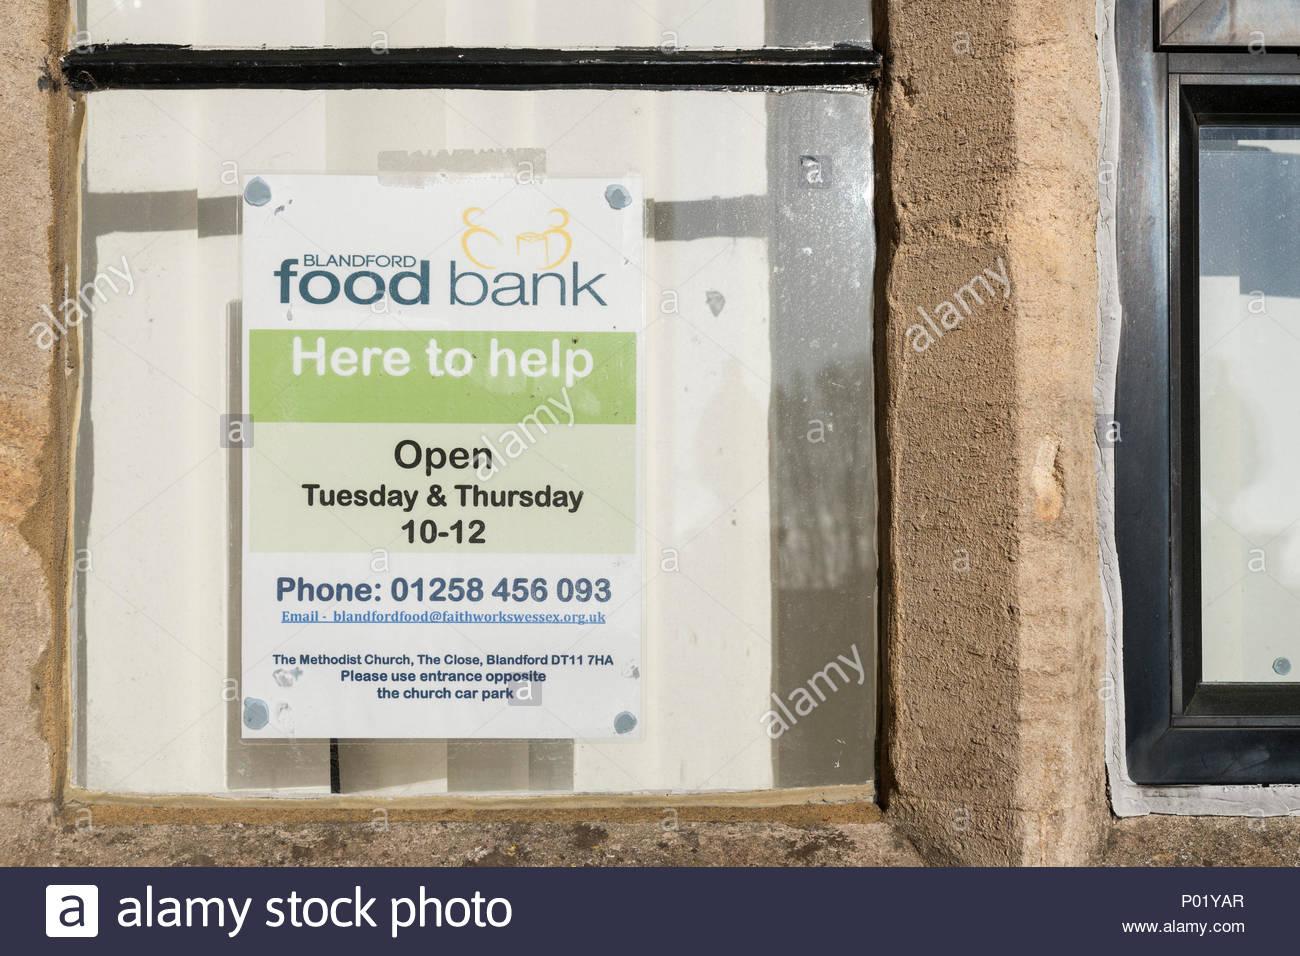 Banca alimentare poster, Blandford, Dorset, England, Regno Unito Immagini Stock